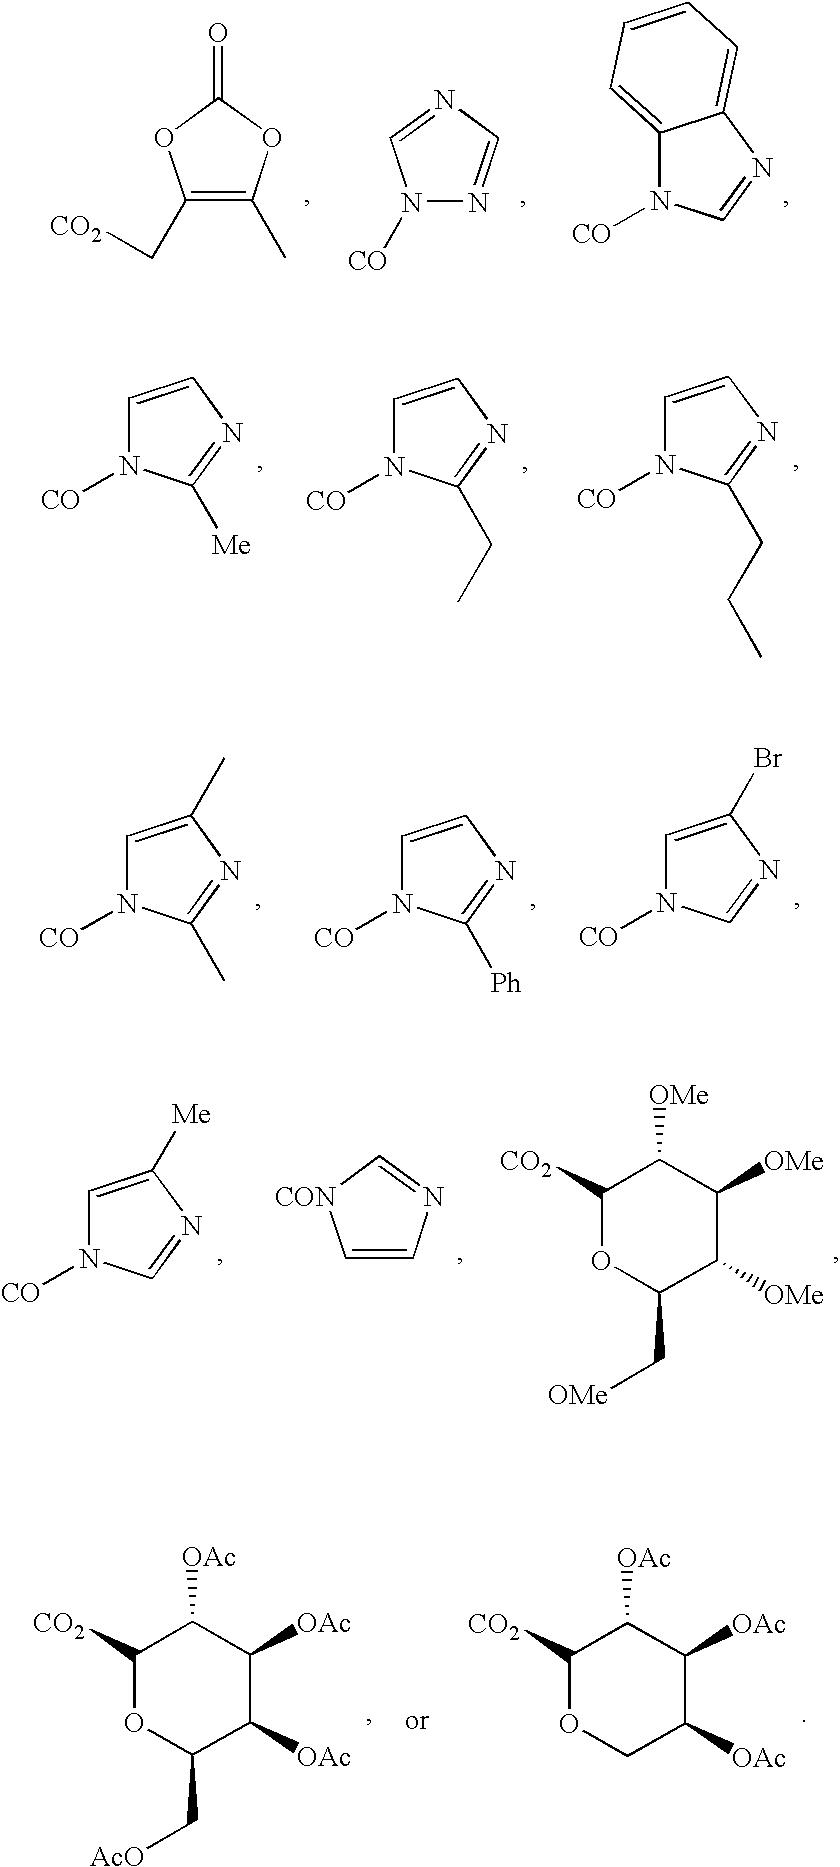 Figure US20040002463A1-20040101-C00002